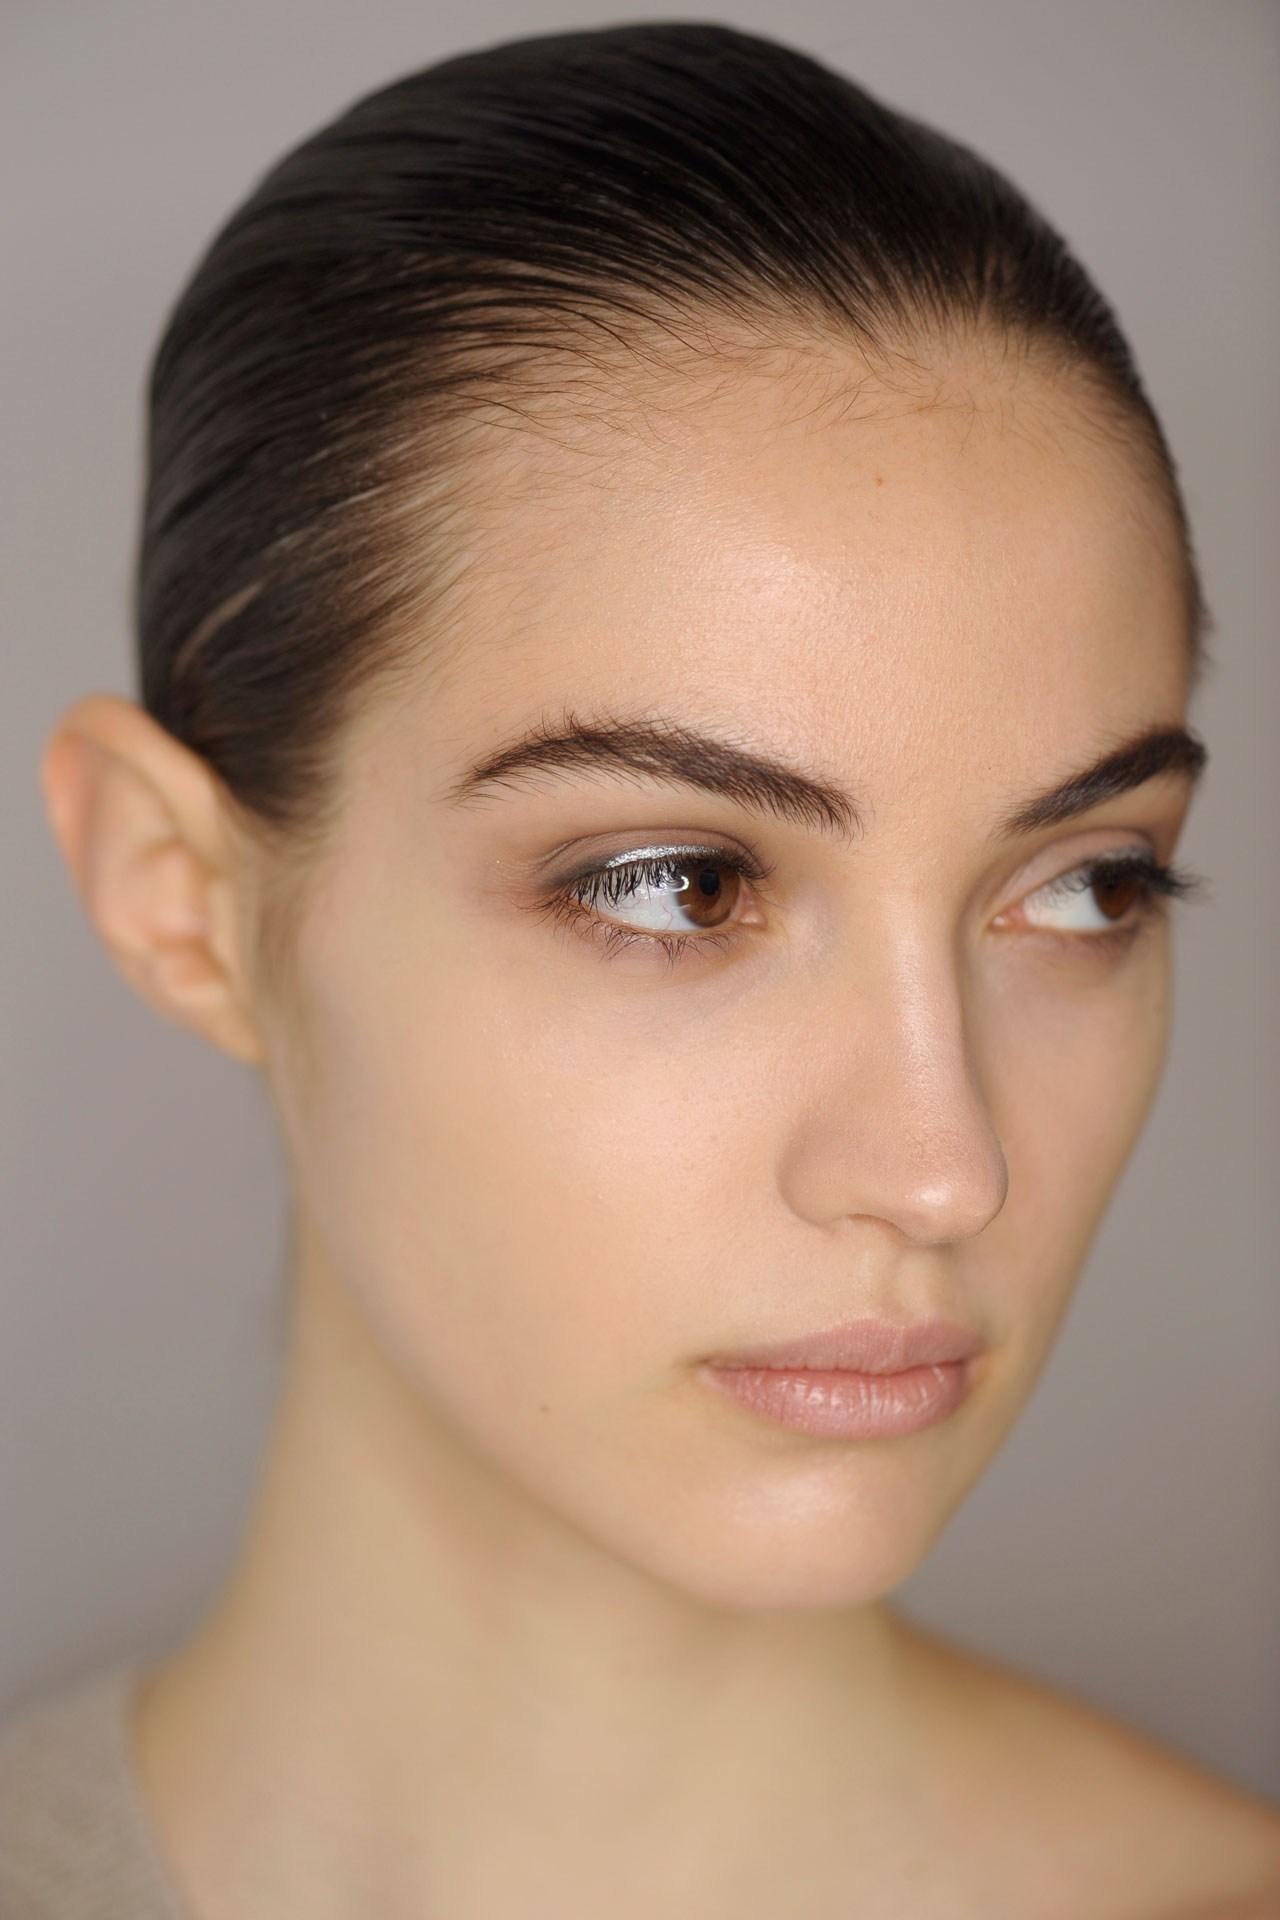 Jil Sander - Lisa Eldridge kept models' skin fresh at Jil Sander, with grey-lined eyes offset by a flash of silver.